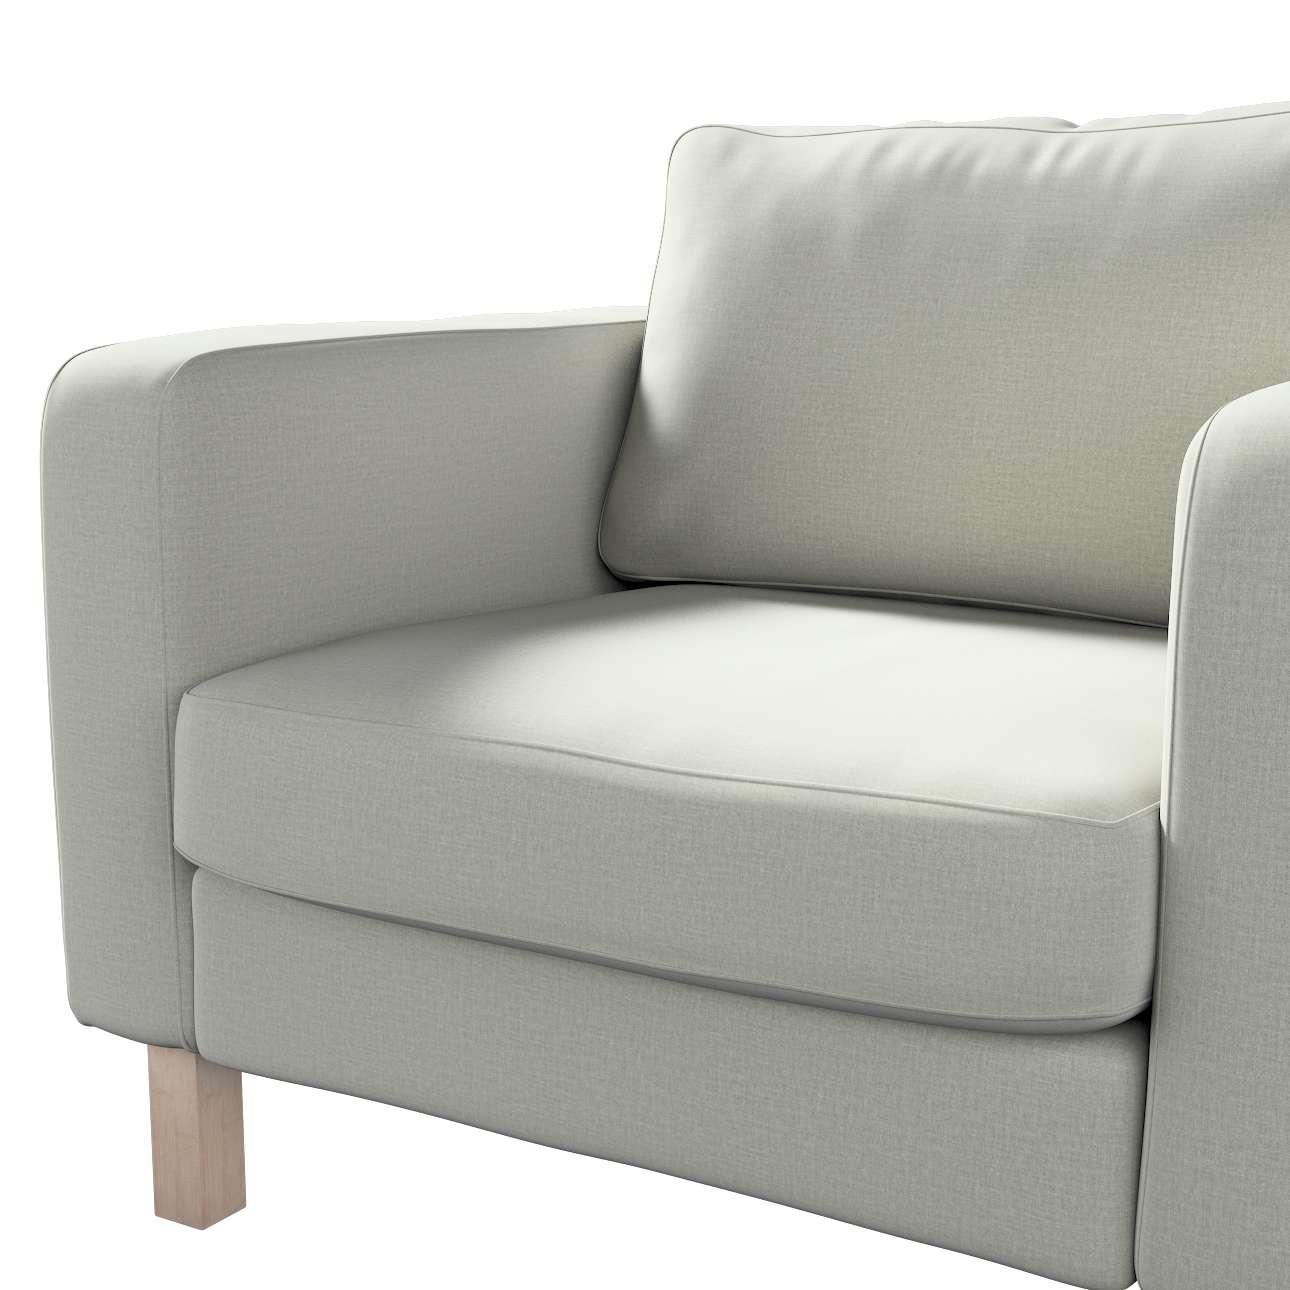 Pokrowiec na fotel Karlstad, krótki w kolekcji Ingrid, tkanina: 705-41